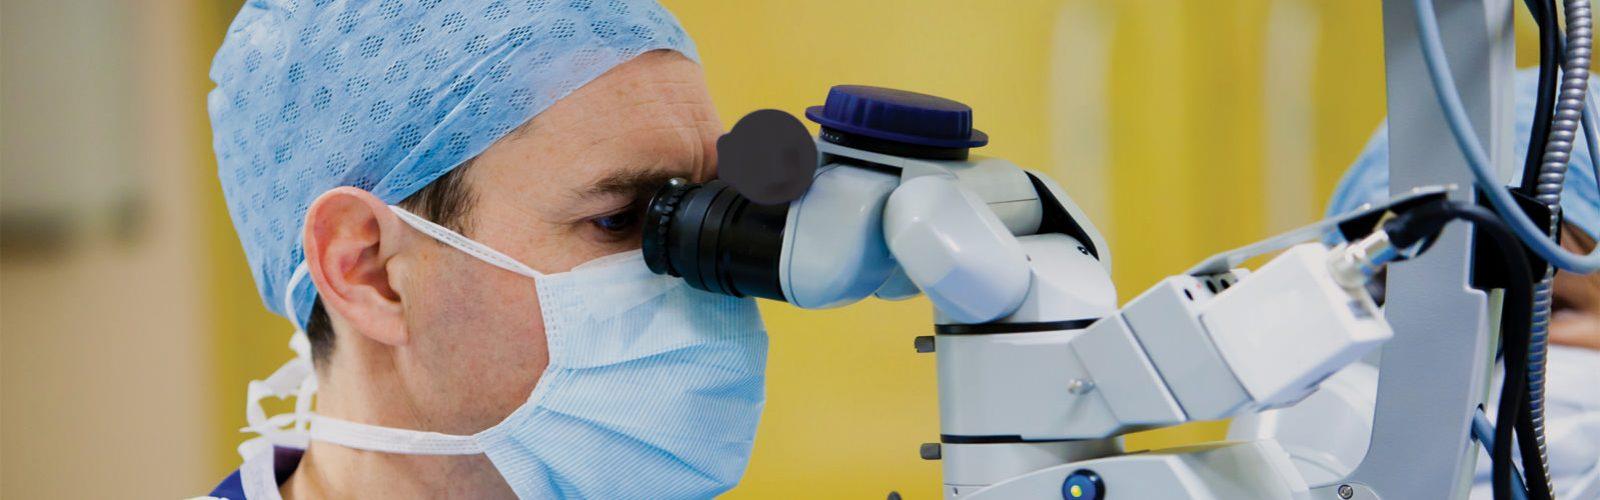 Augenchirurg blickt durch ein Operationsmikroskop.